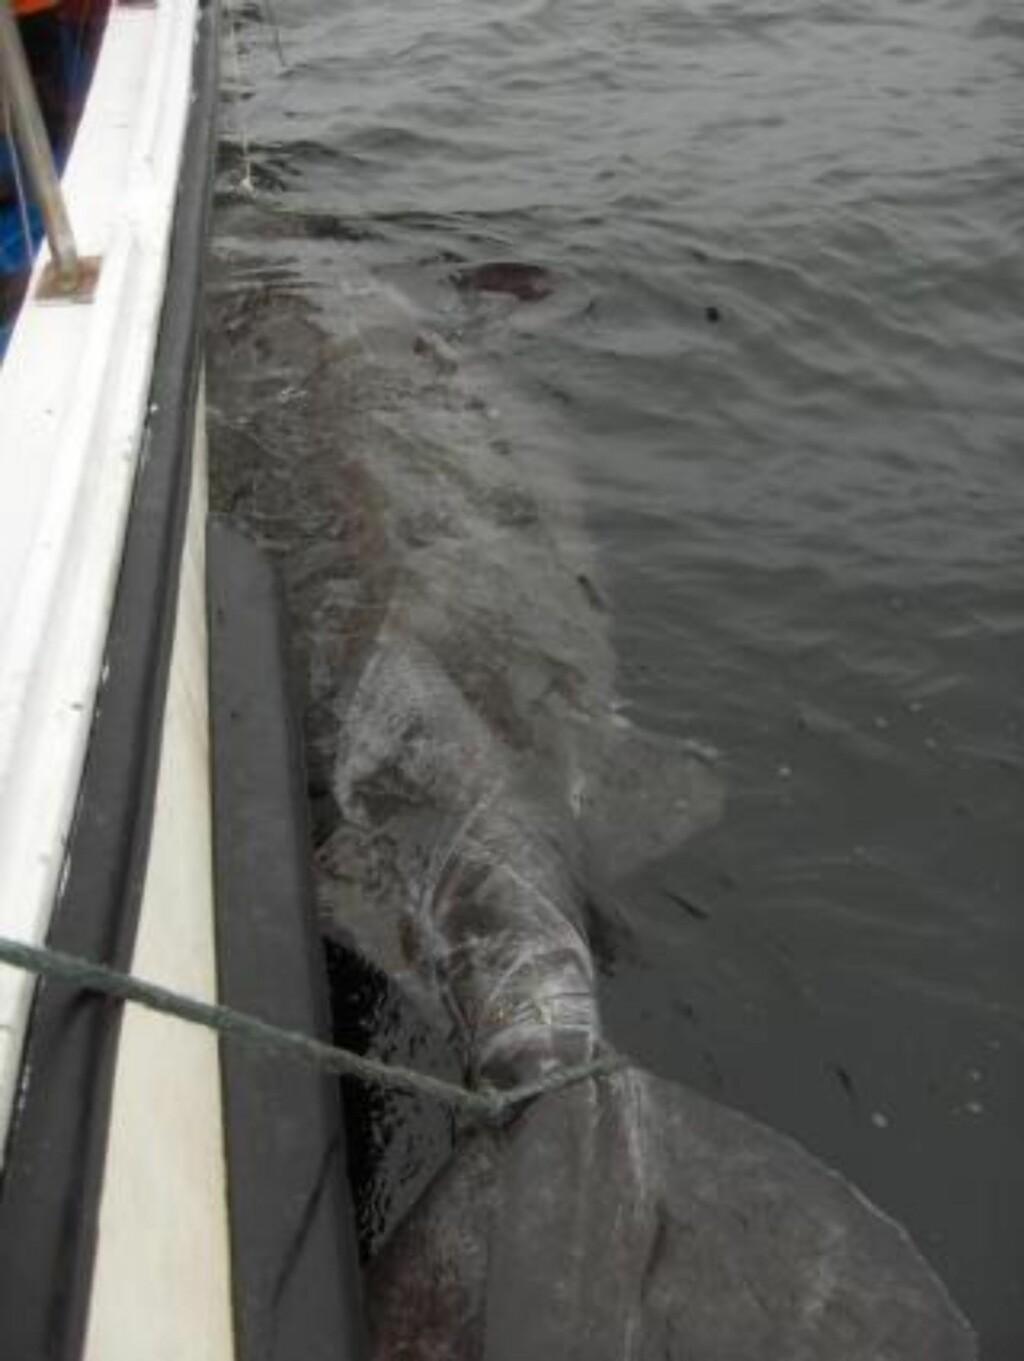 SLAPP MED SKREKKEN:  Den hundre år gamle og 643 kilo tunge haien slapp med skrekken. Her i full lengde før den blir sluppet tilbake til dypet.  Foto: FREDERIC V. KULTIN.